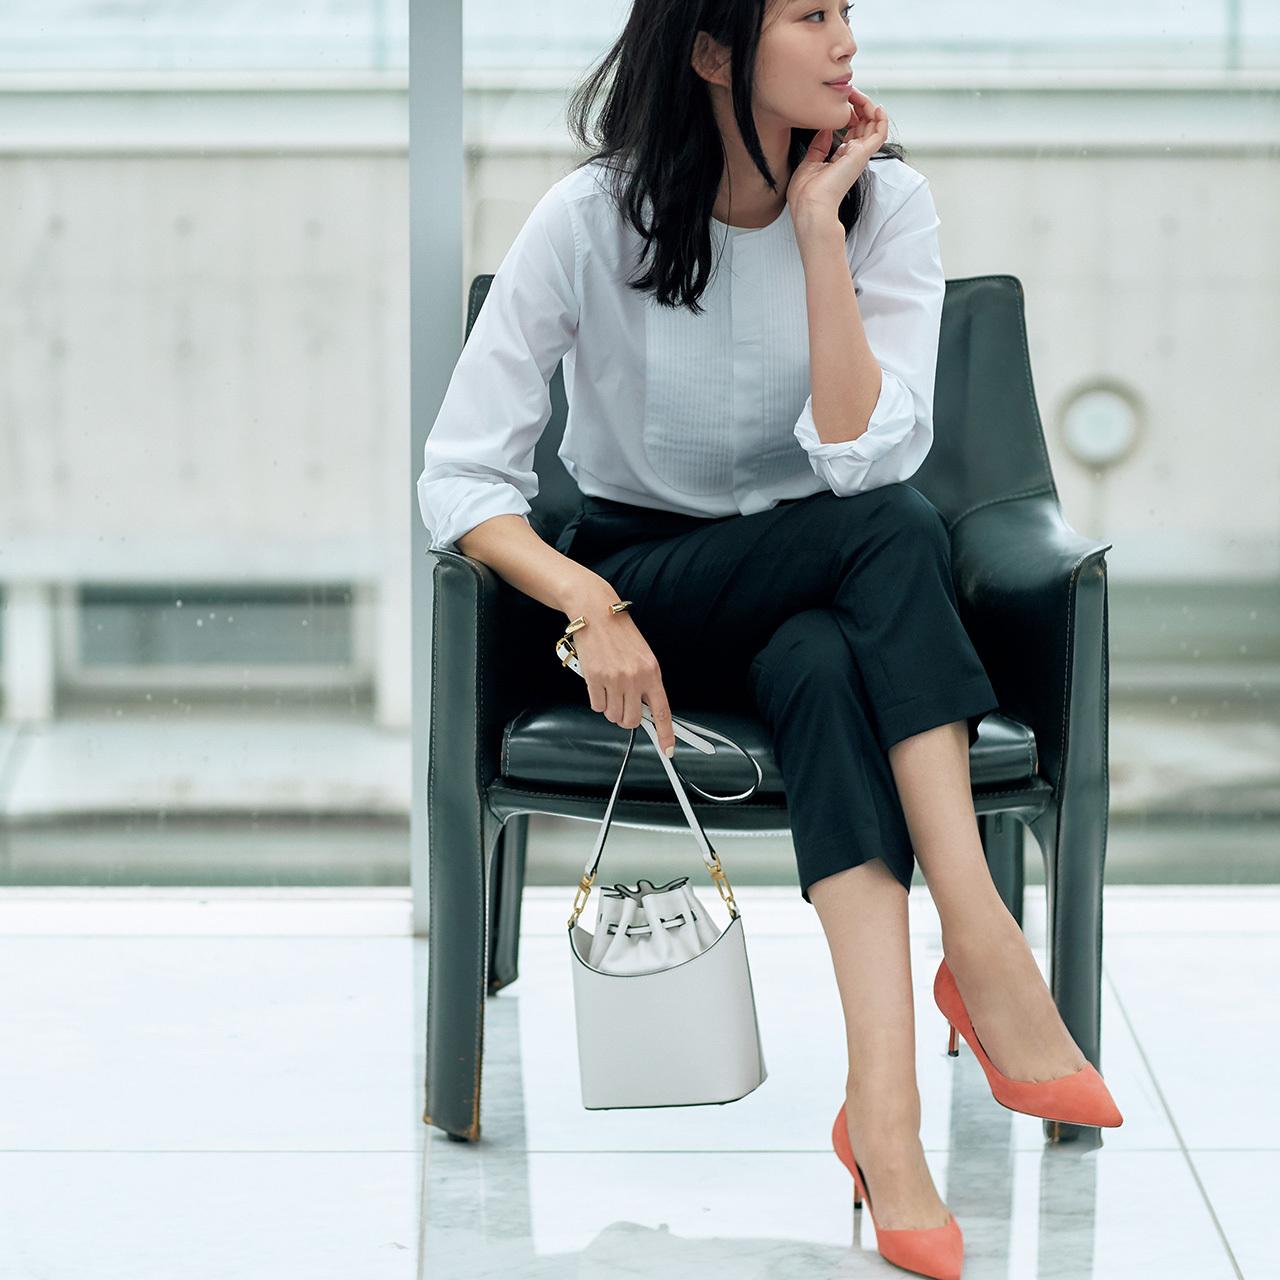 美色スエードパンプス&ビジュー靴で、春の足元印象をバージョンアップ 五選_1_1-3